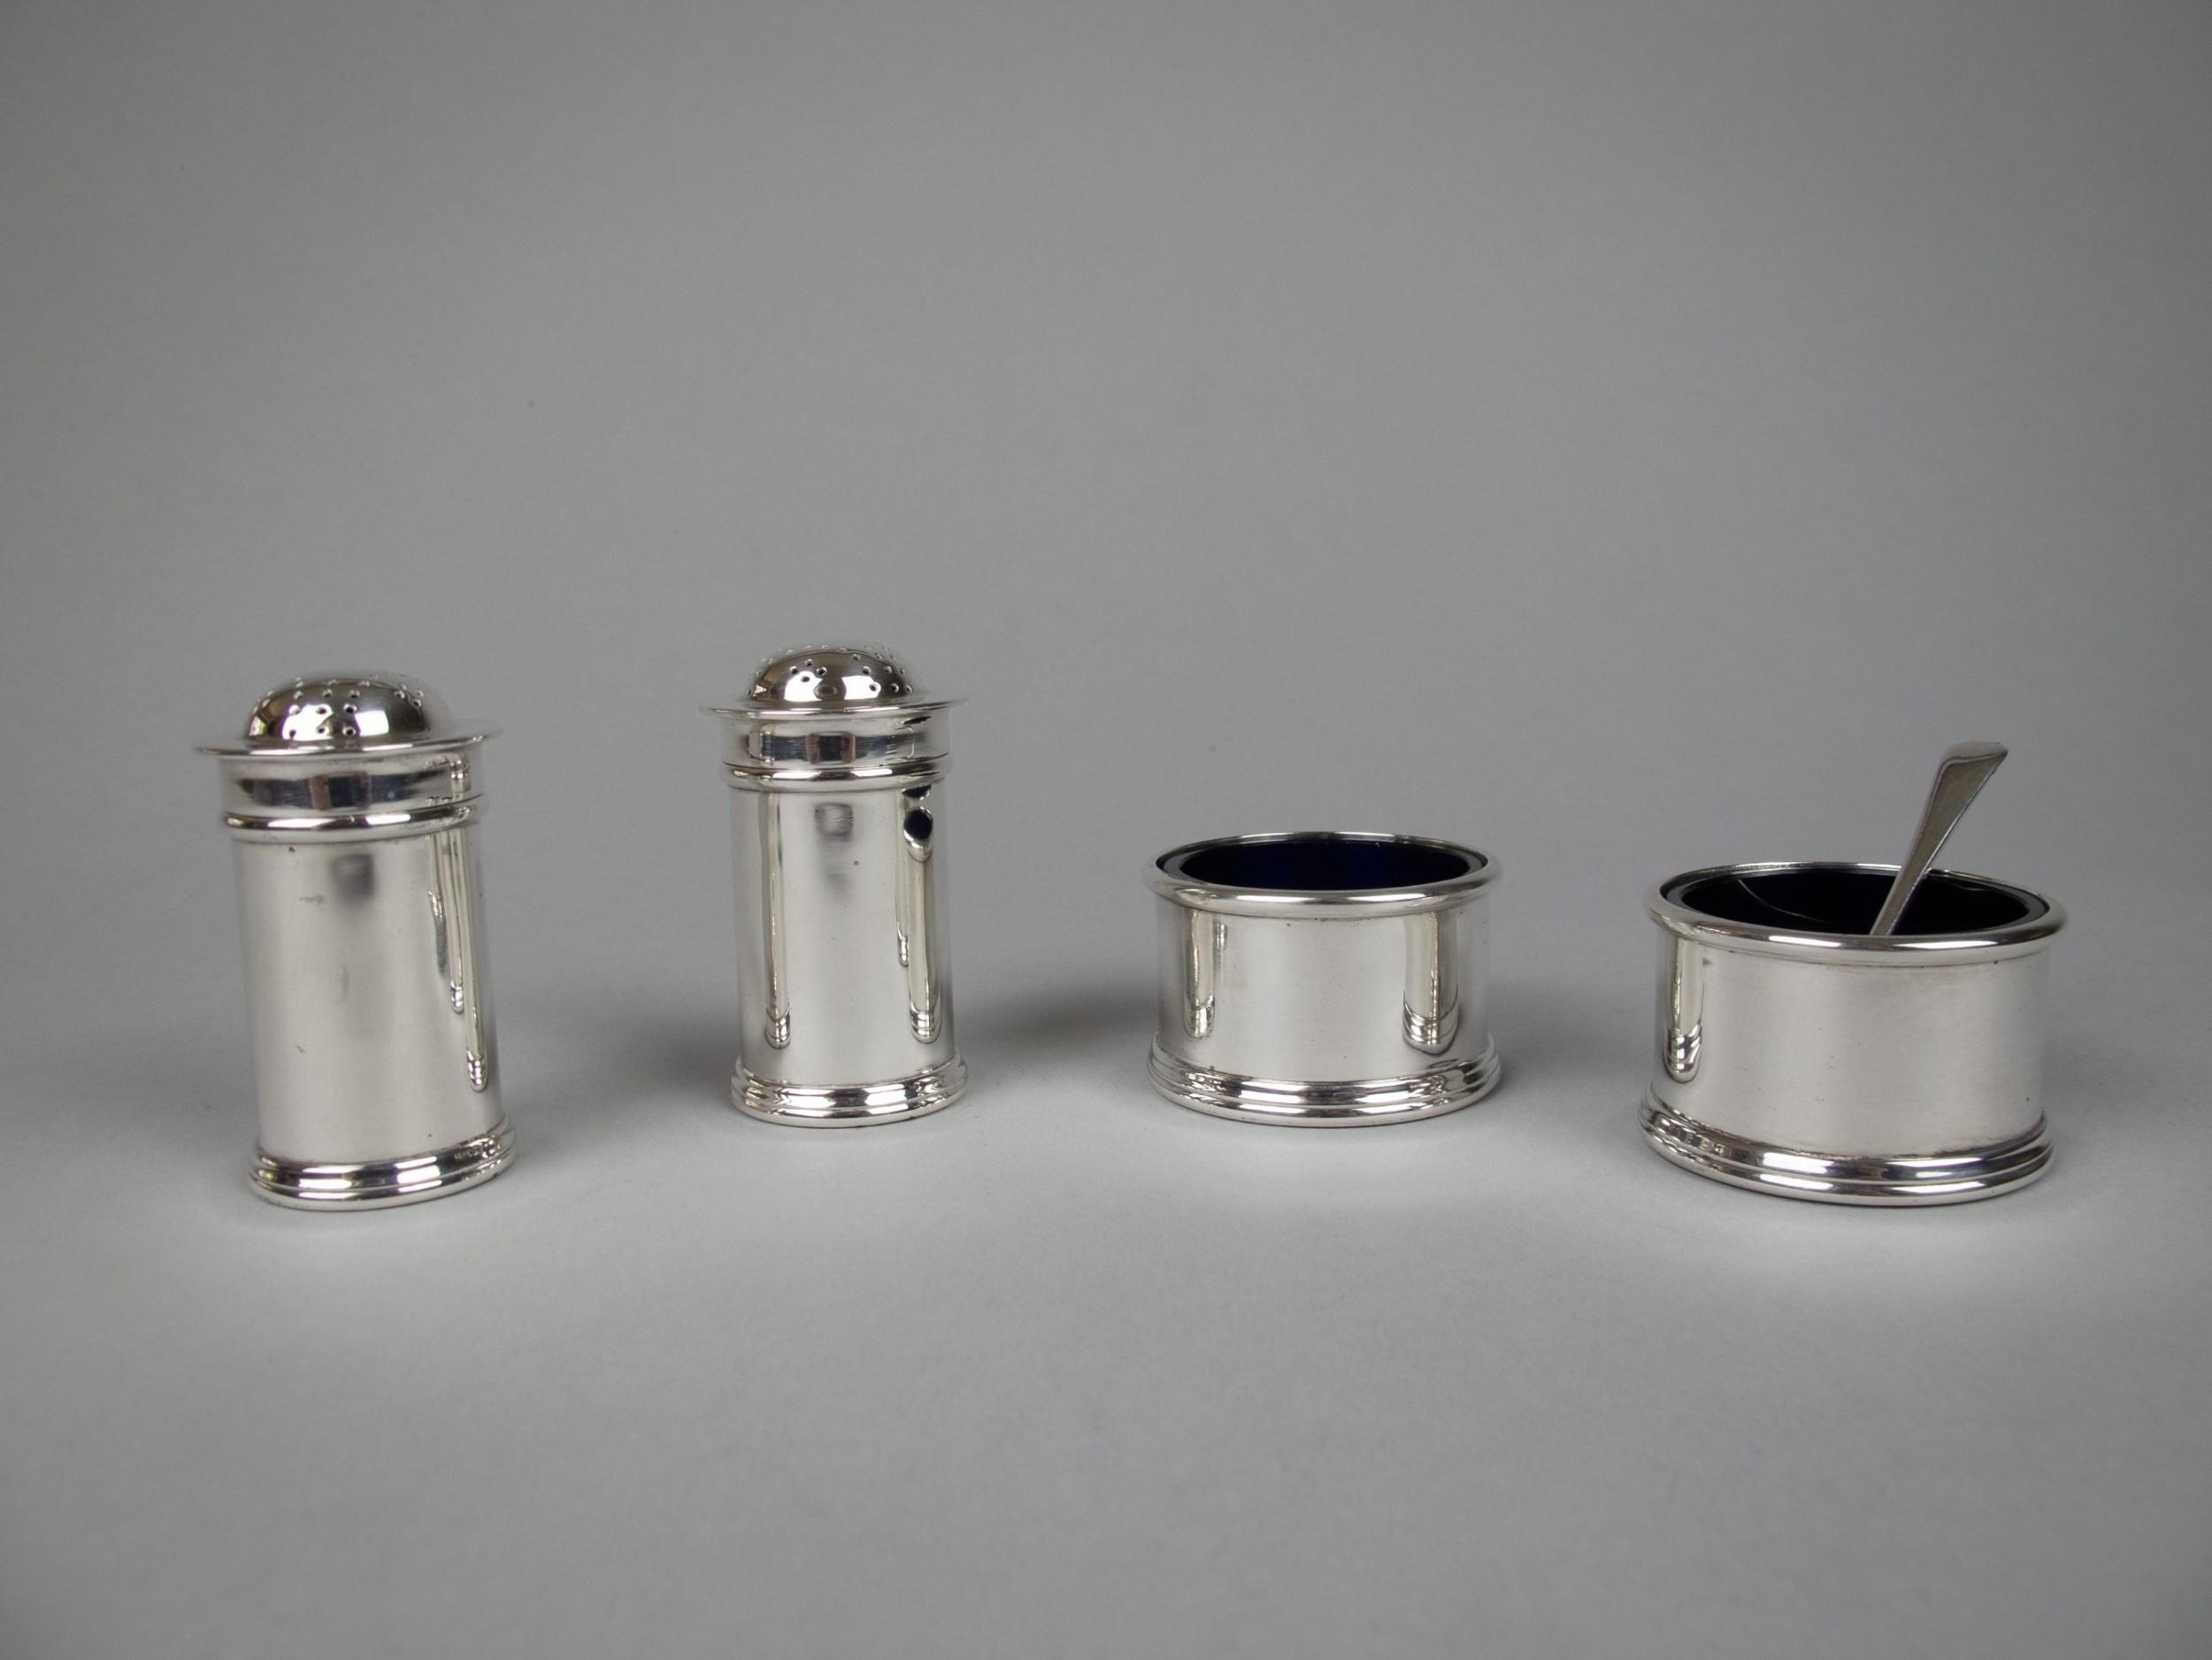 scottish sterling silver four piece cruet set by james weir glasgow 1924